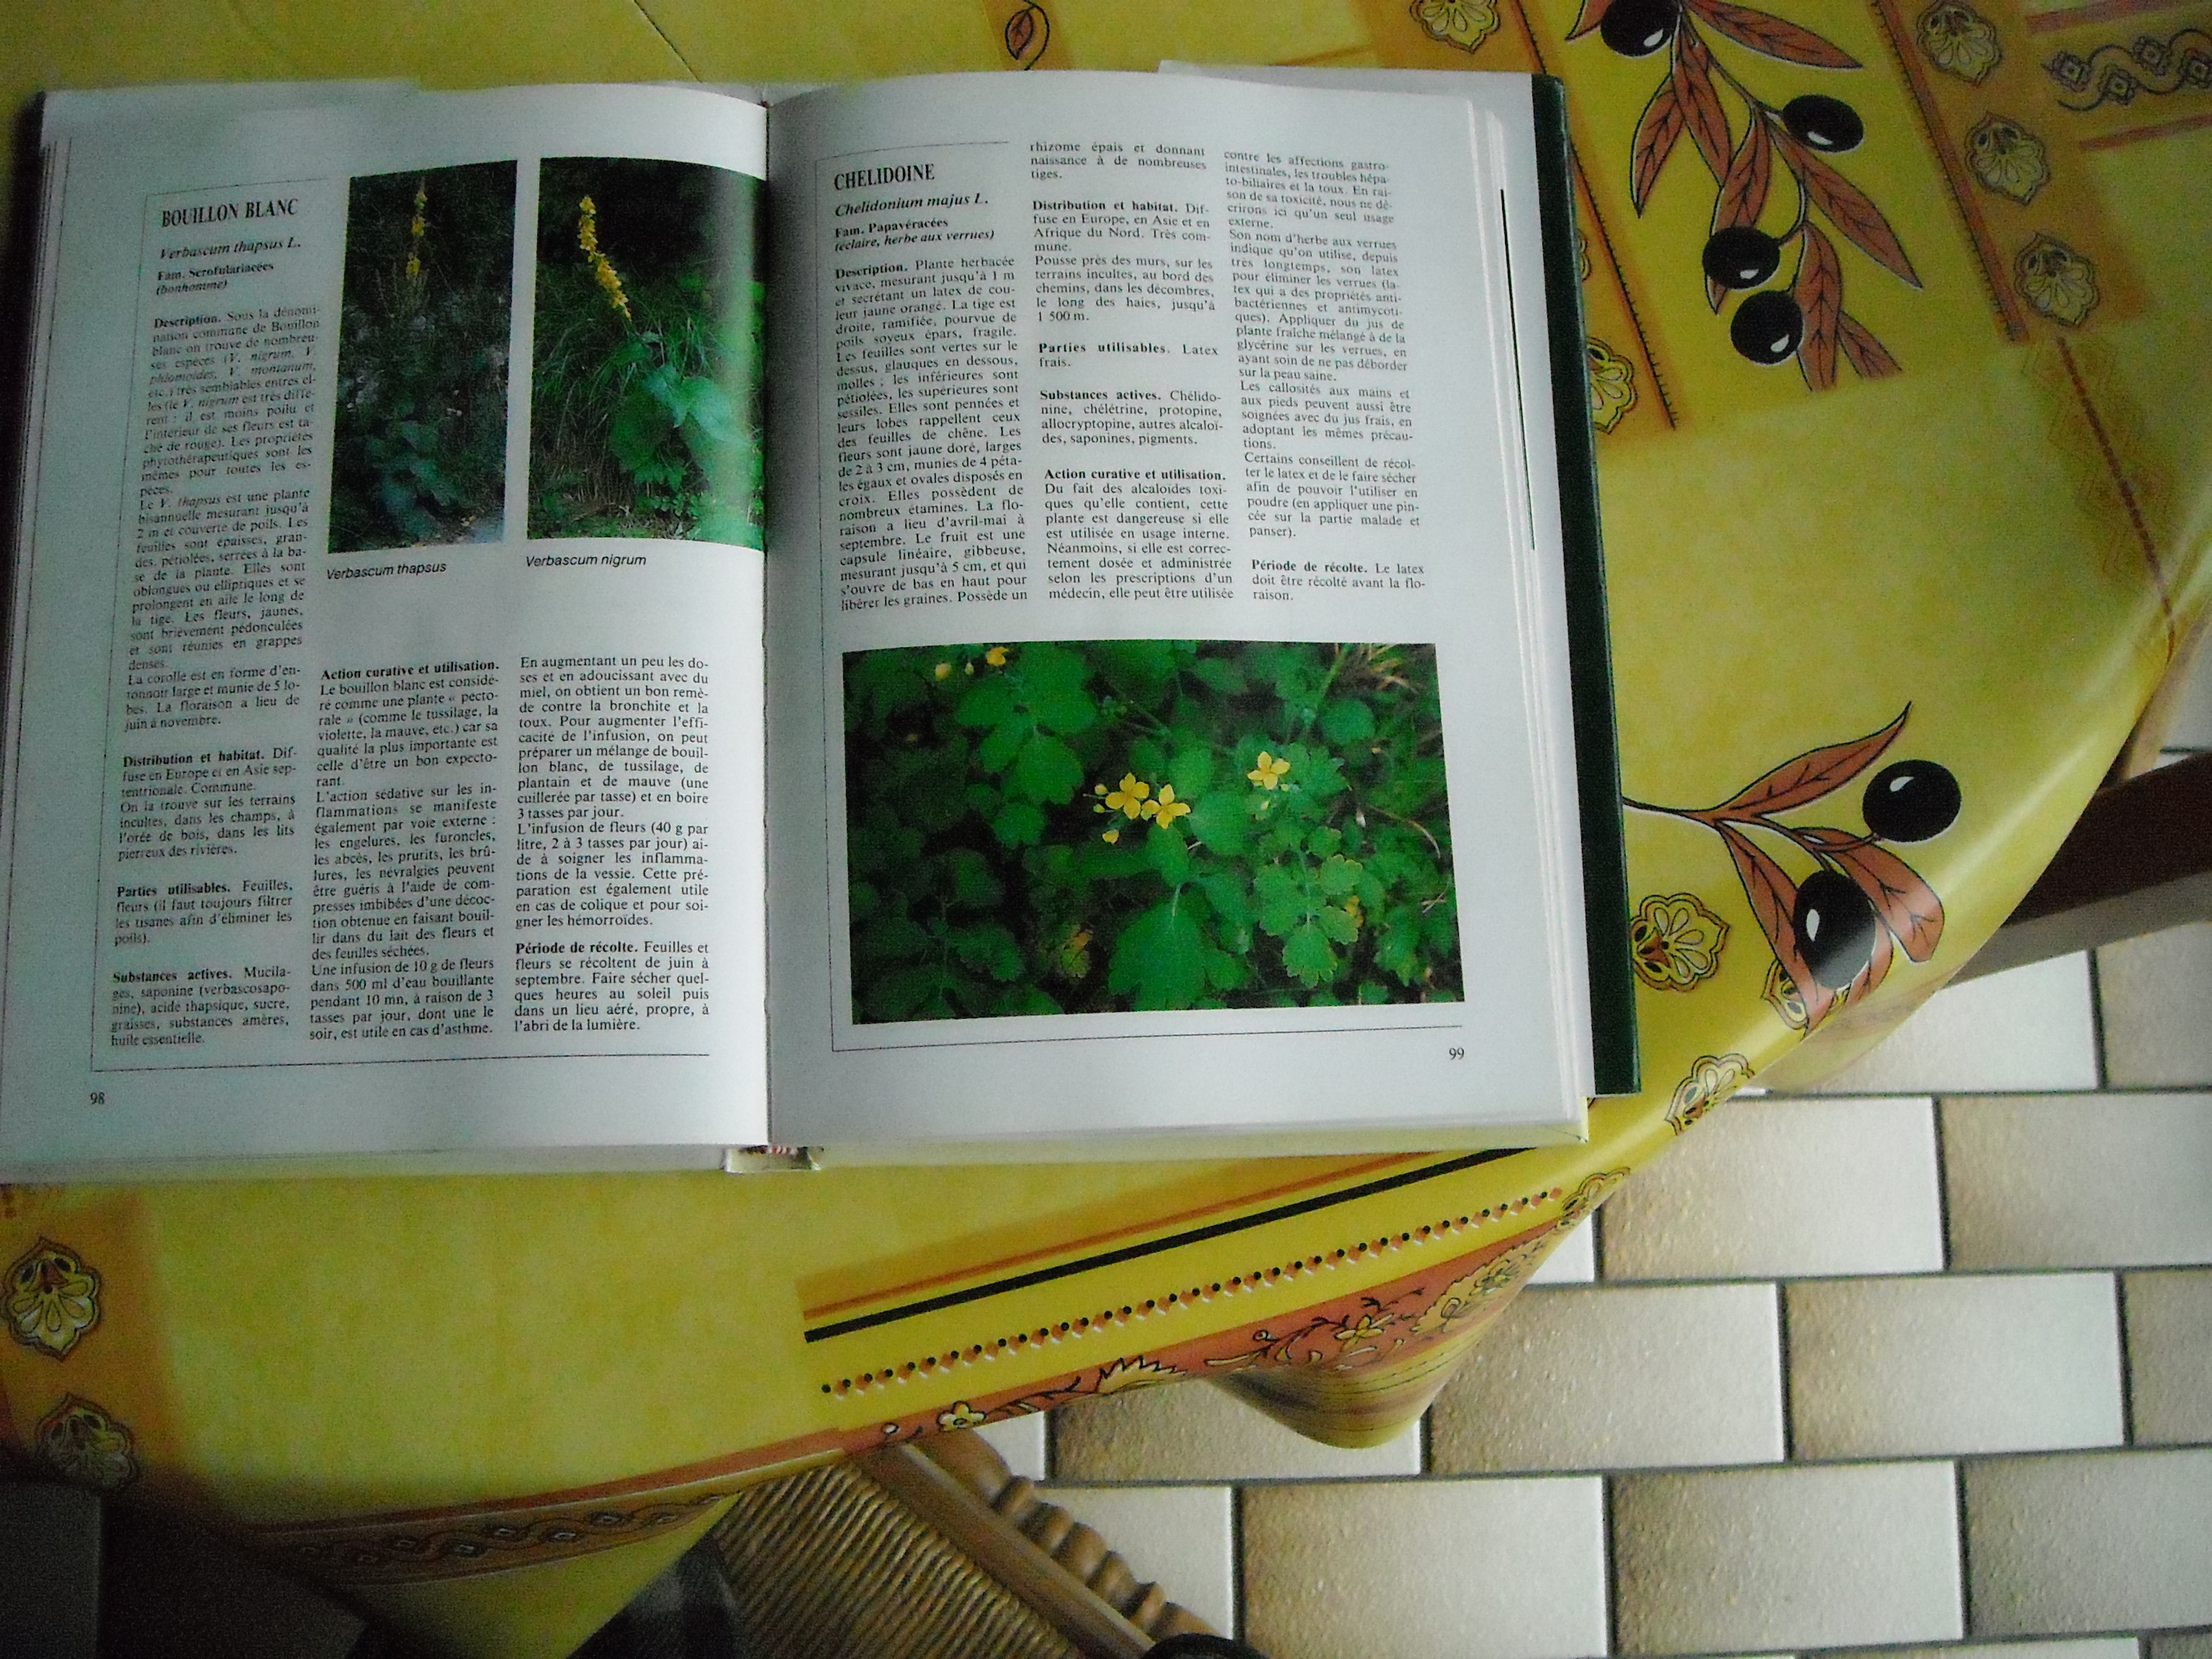 chélidoine ou herbe a verrues 136173001